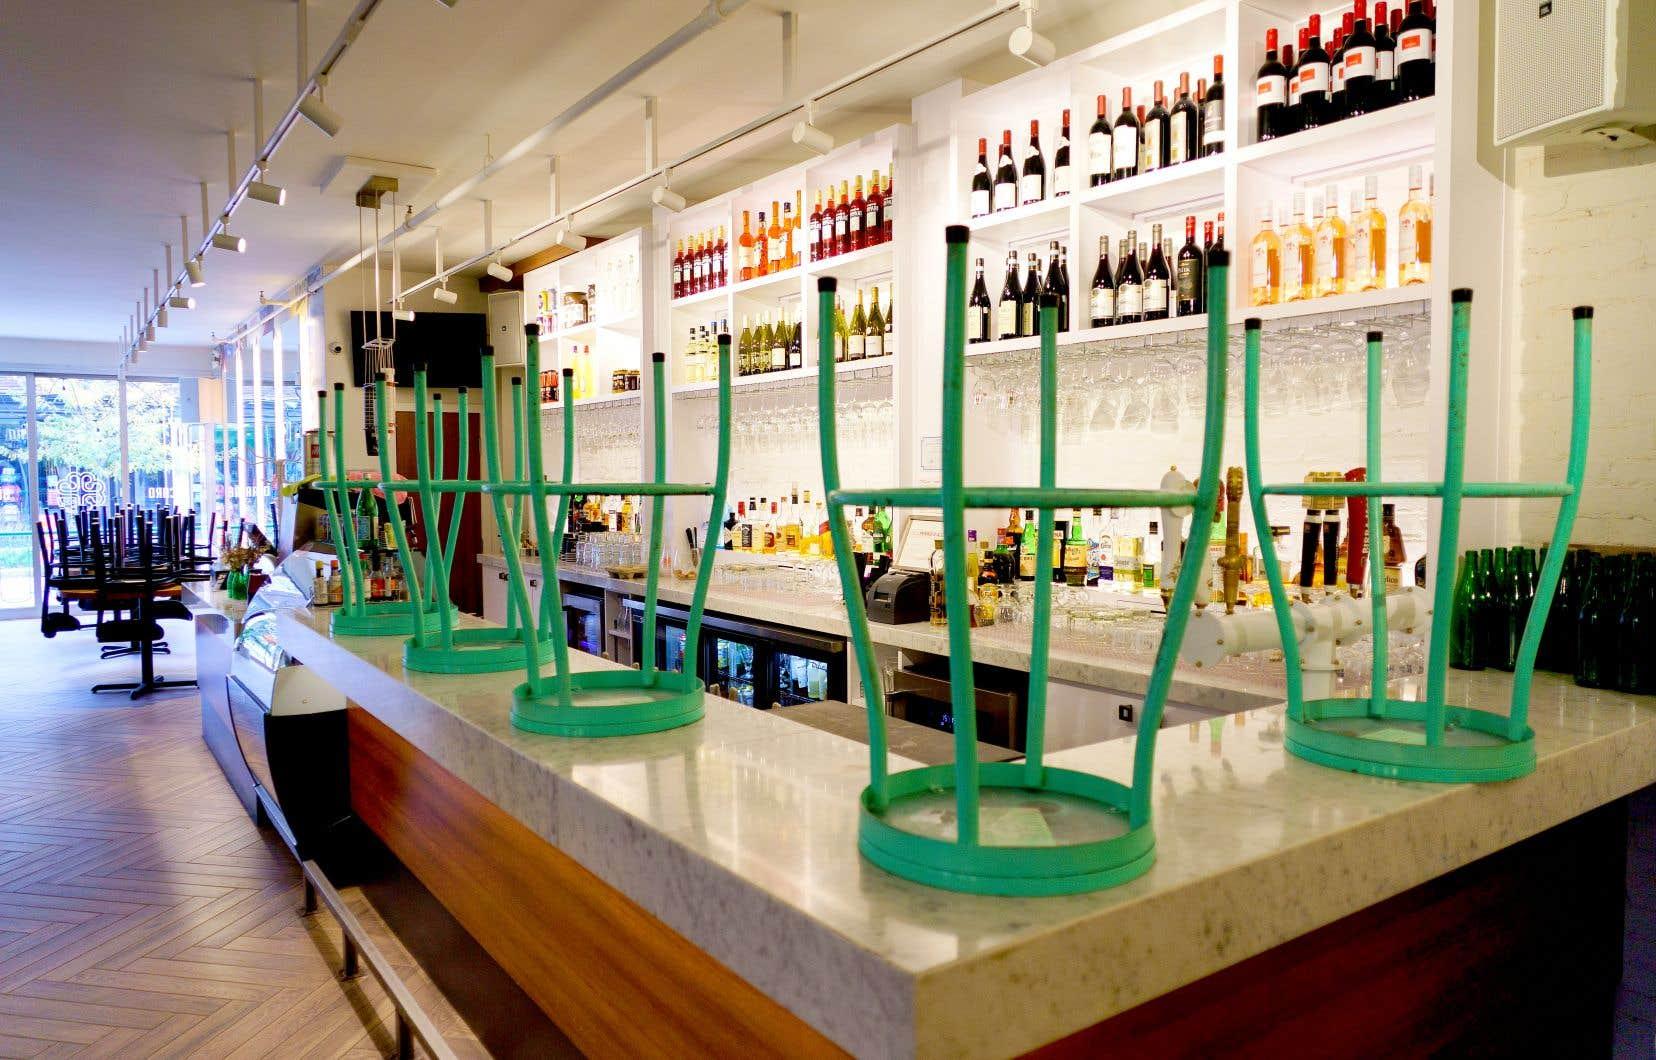 Une telle mesure apporterait un peu d'oxygène aux restaurants et aux bars qui en ont vitalement besoin, estiment deux regroupements d'établissements licenciés du Québec.